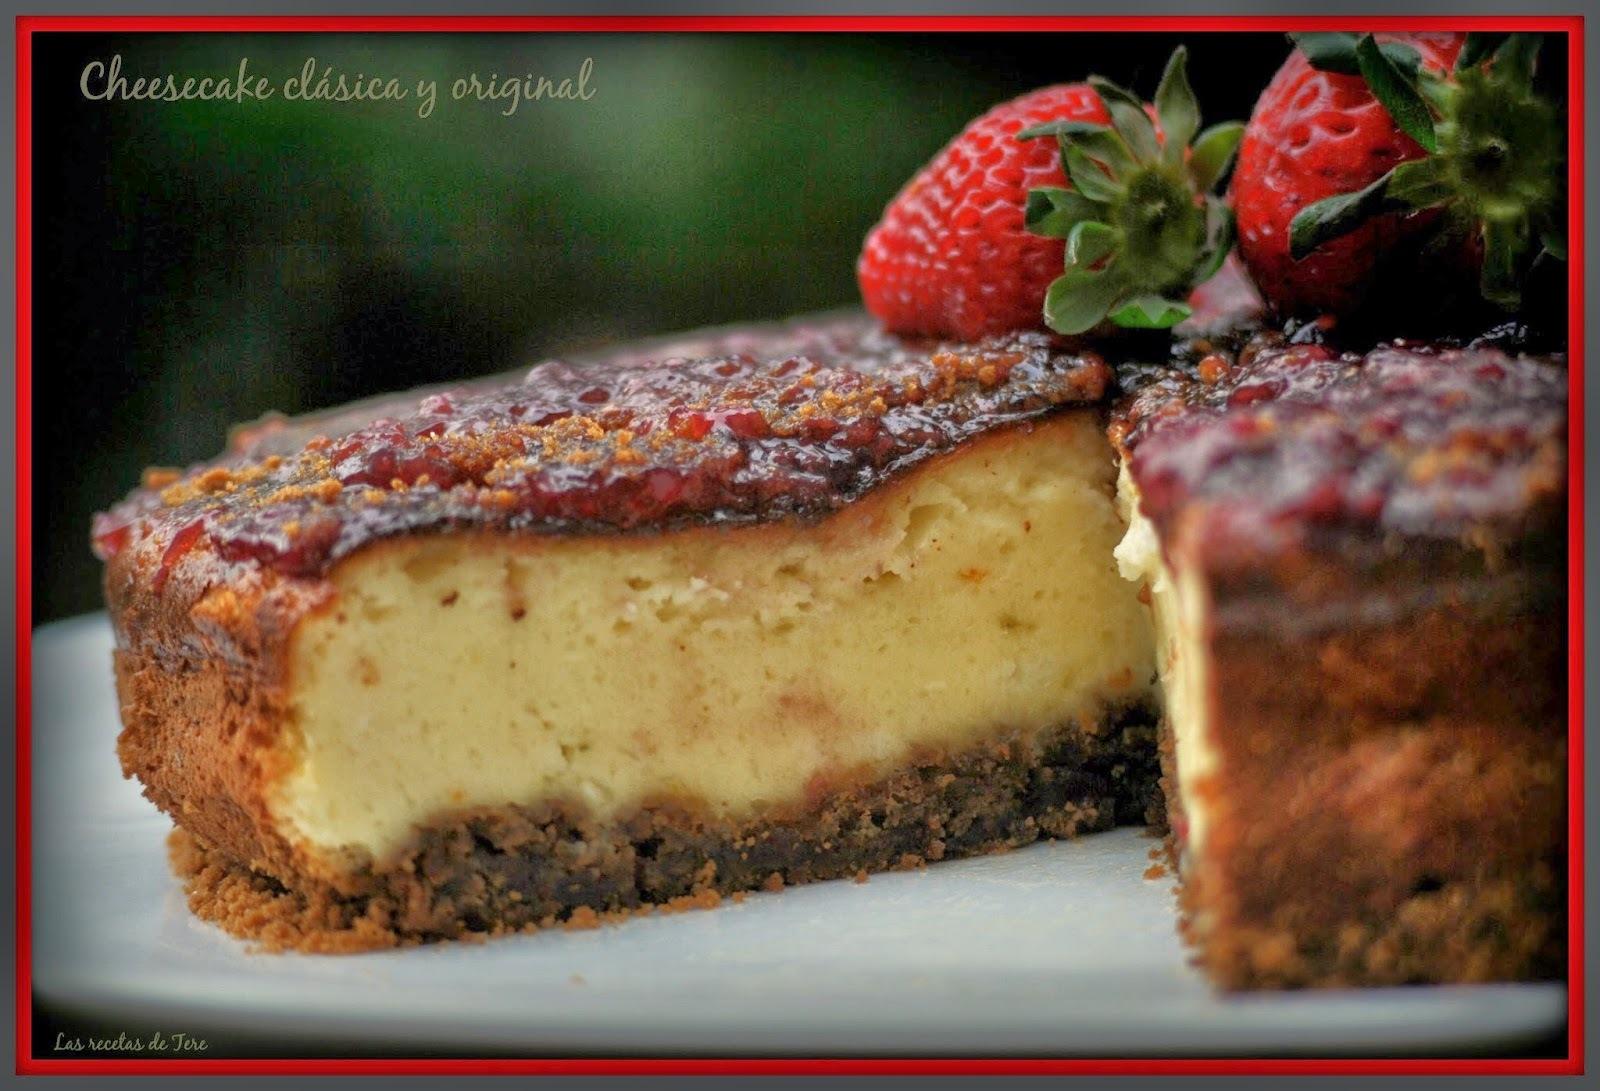 Cheesecake clásico y original.